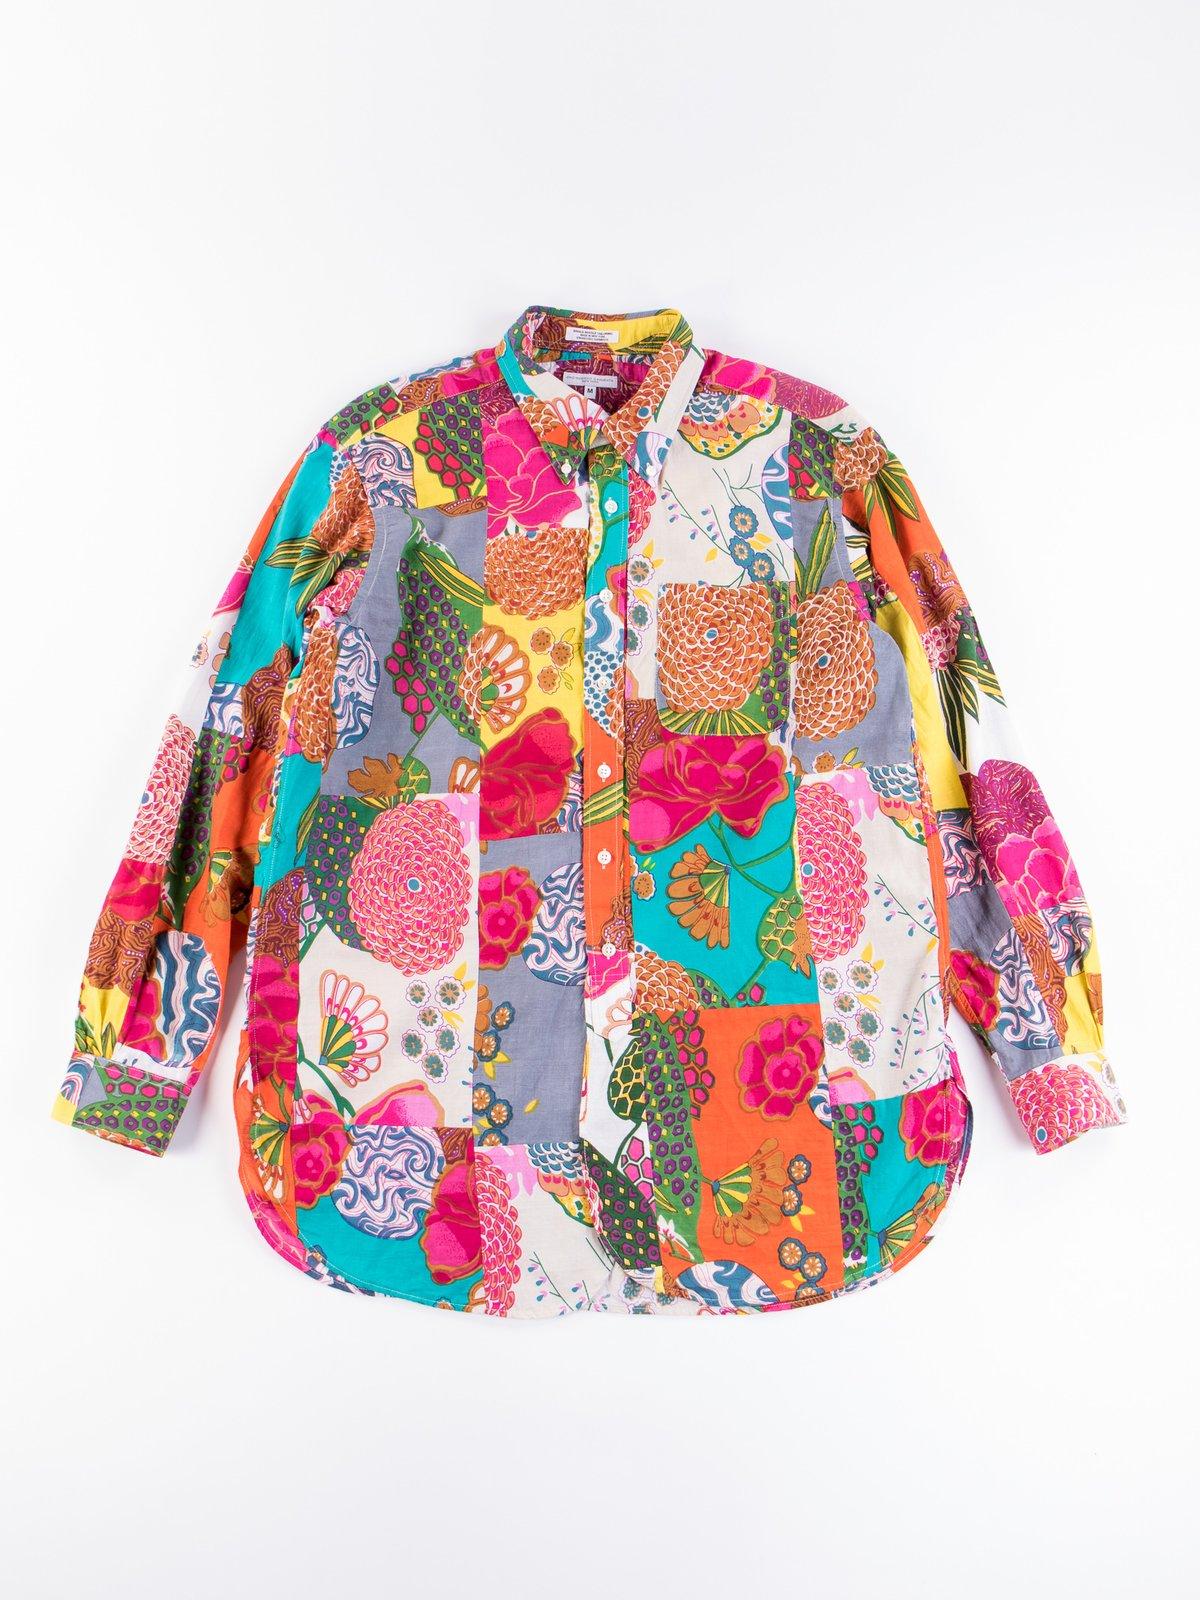 Multi Color Cotton Floral Patchwork 19th Century BD Shirt - Image 1